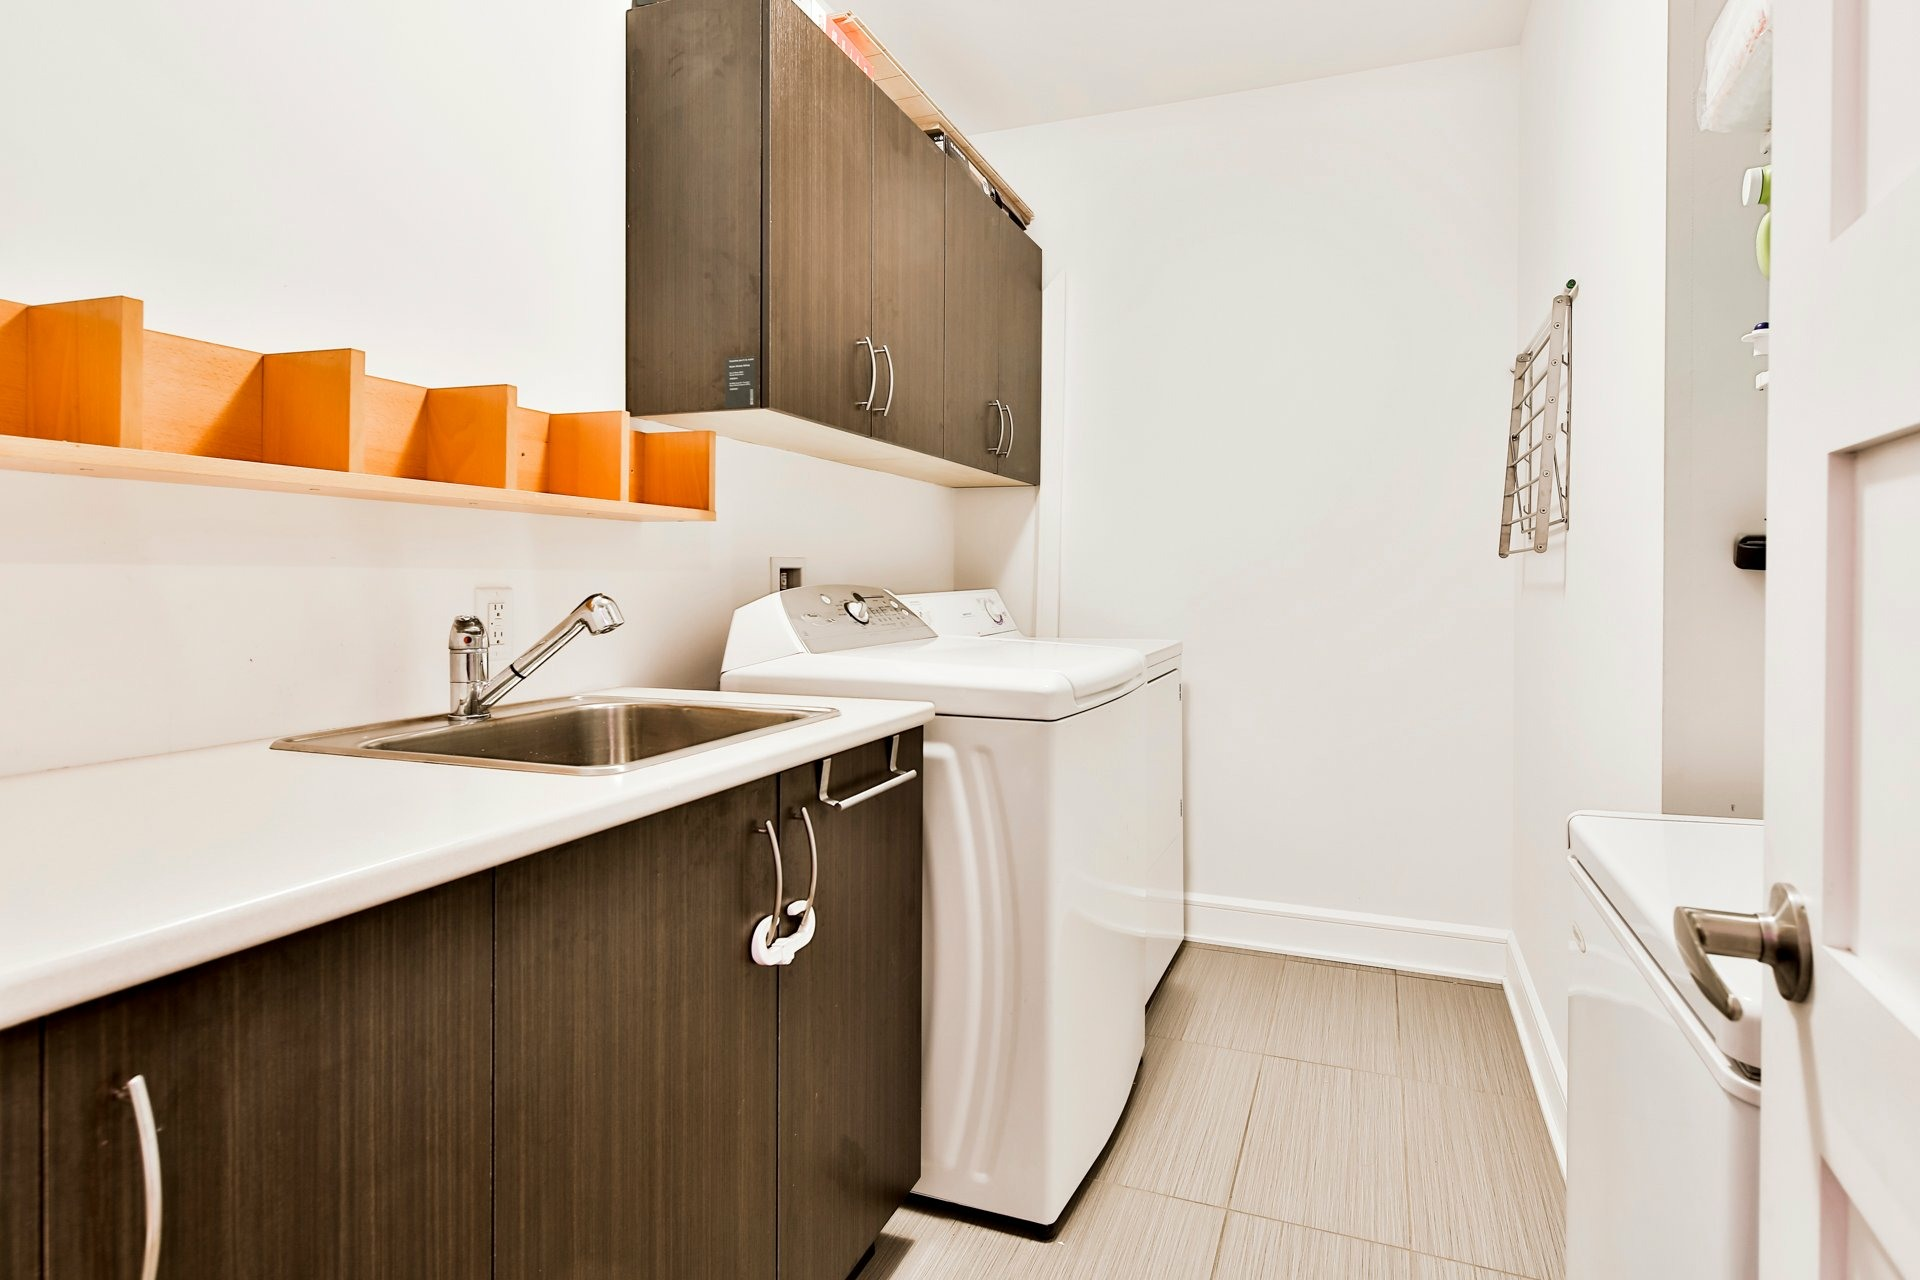 image 19 - Appartement À vendre Montréal Ahuntsic-Cartierville  - 11 pièces